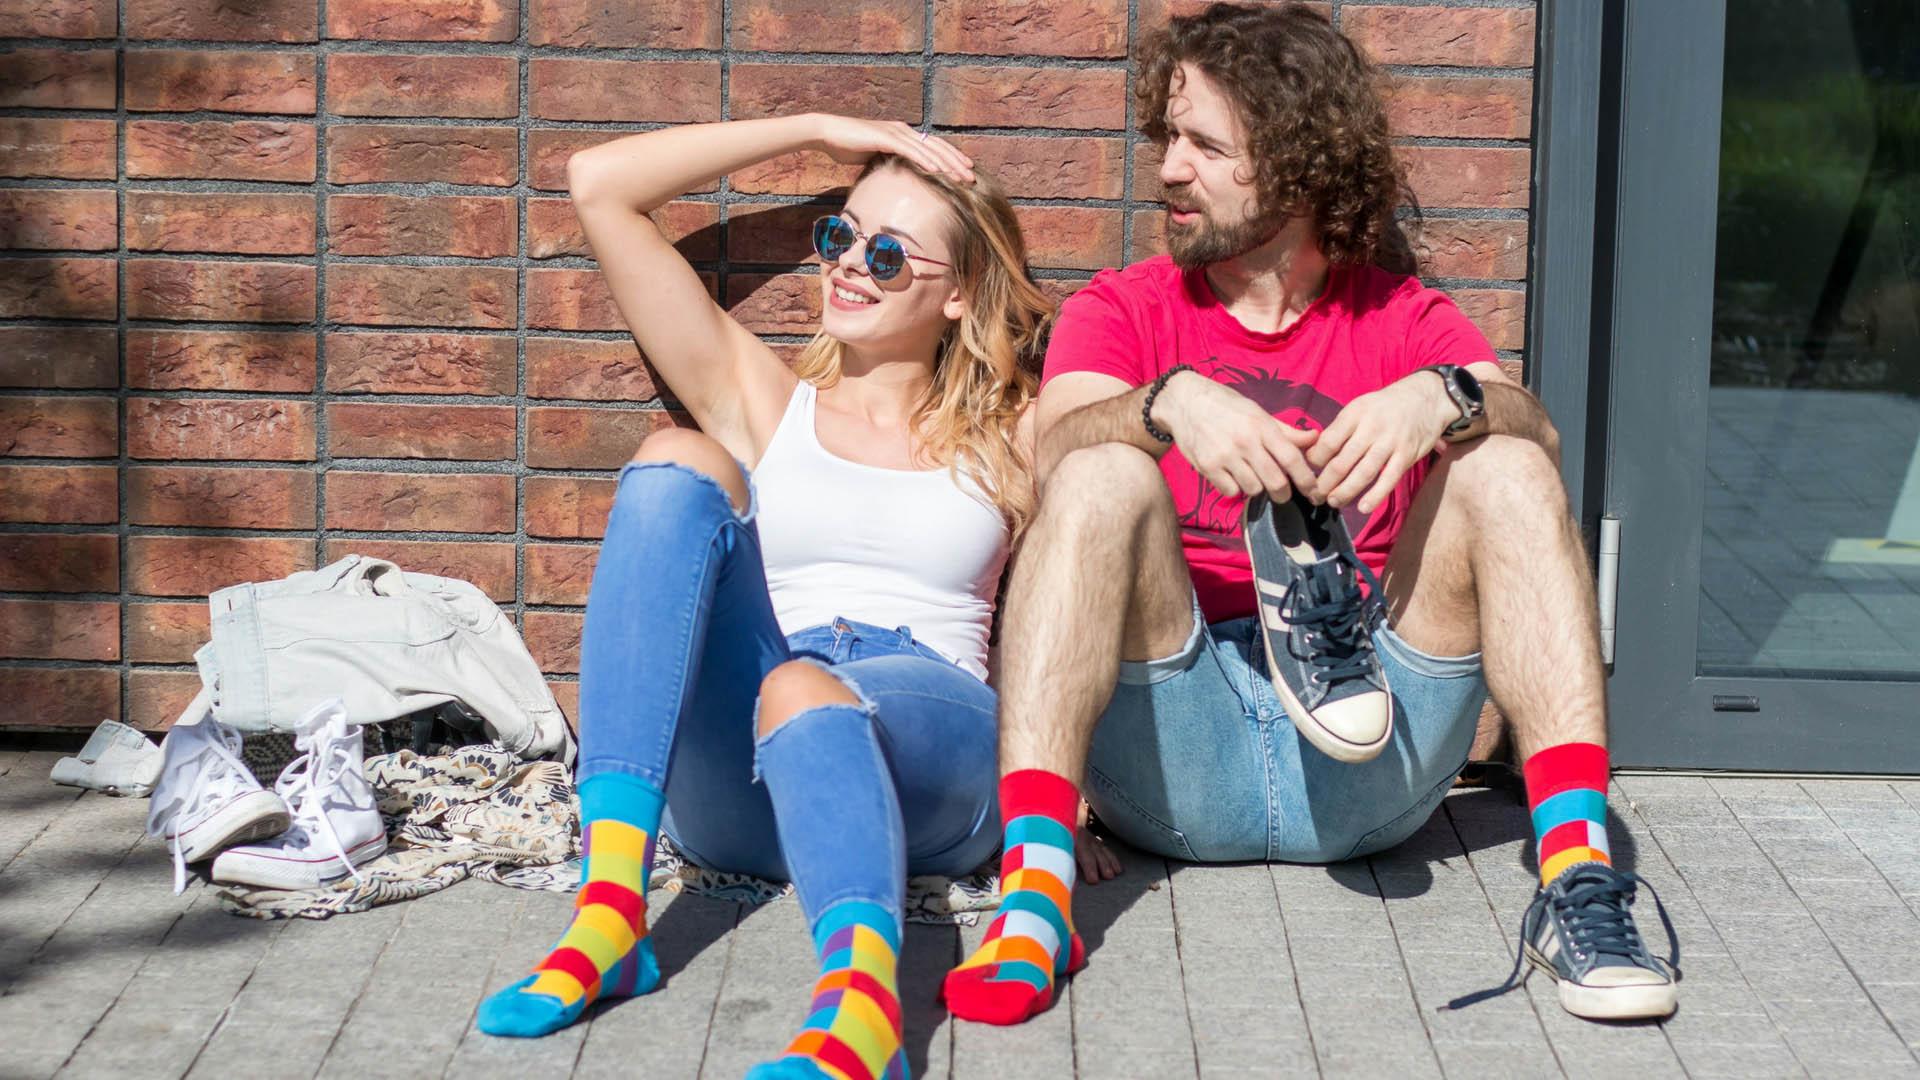 Fräulein in bunten Socken in der Stadt